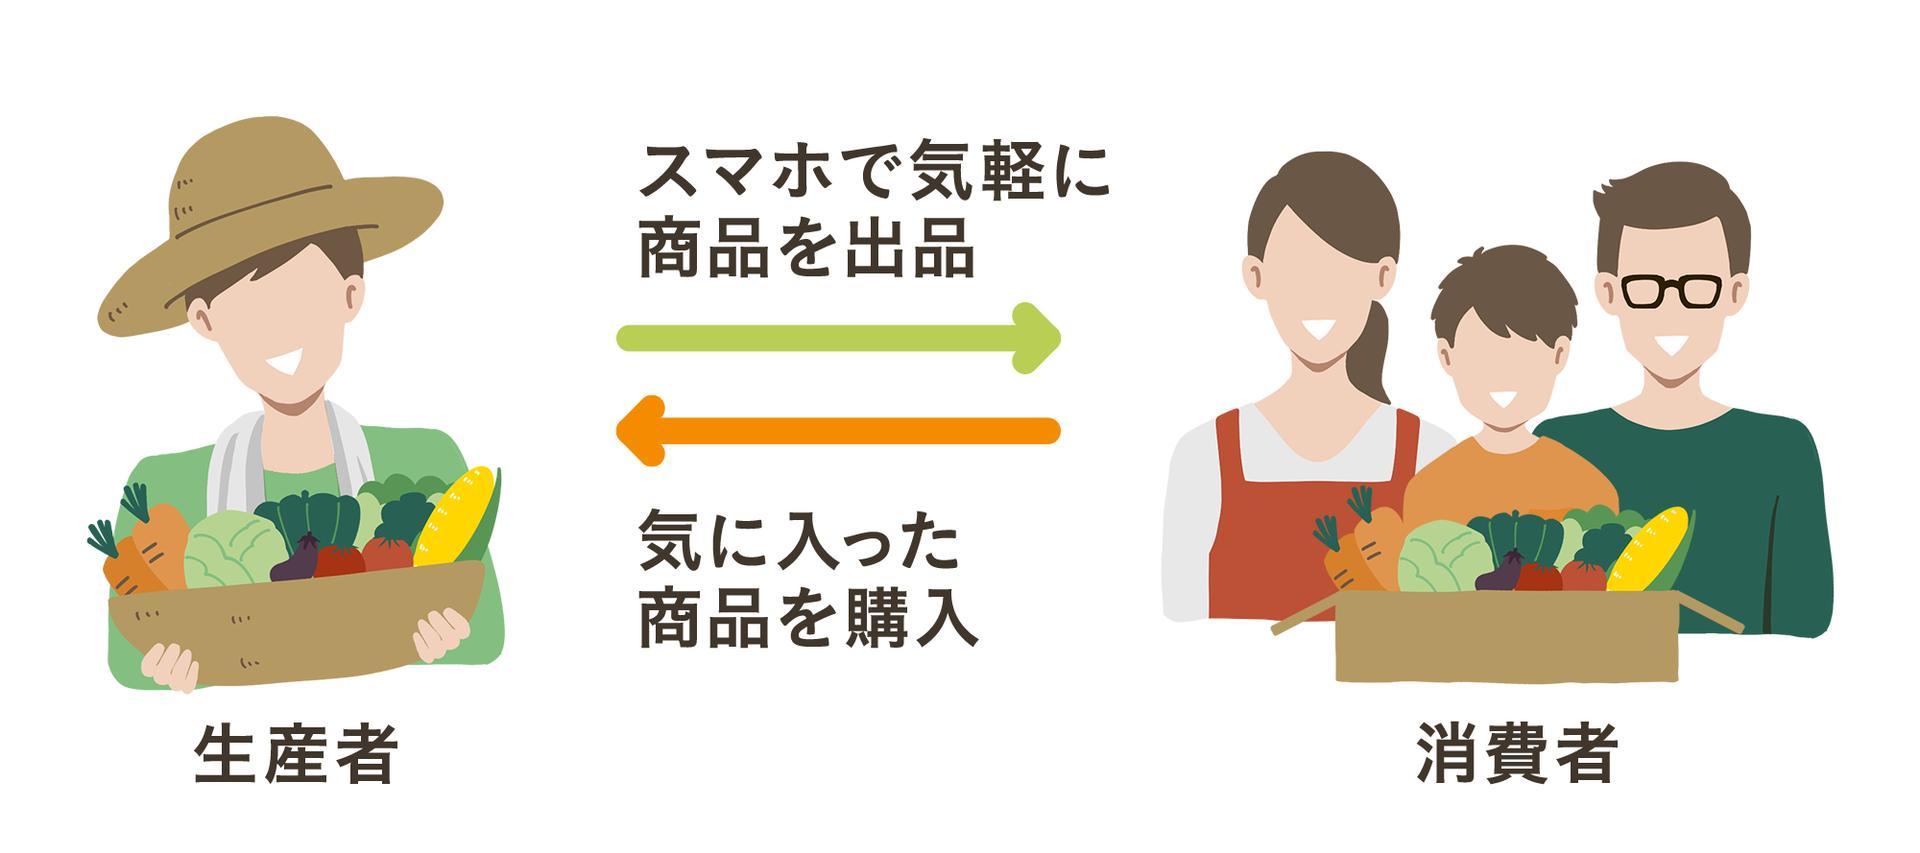 産直アウルは、生産者がスマホで気軽に商品を出品!消費者は気に入った商品を購入できます。